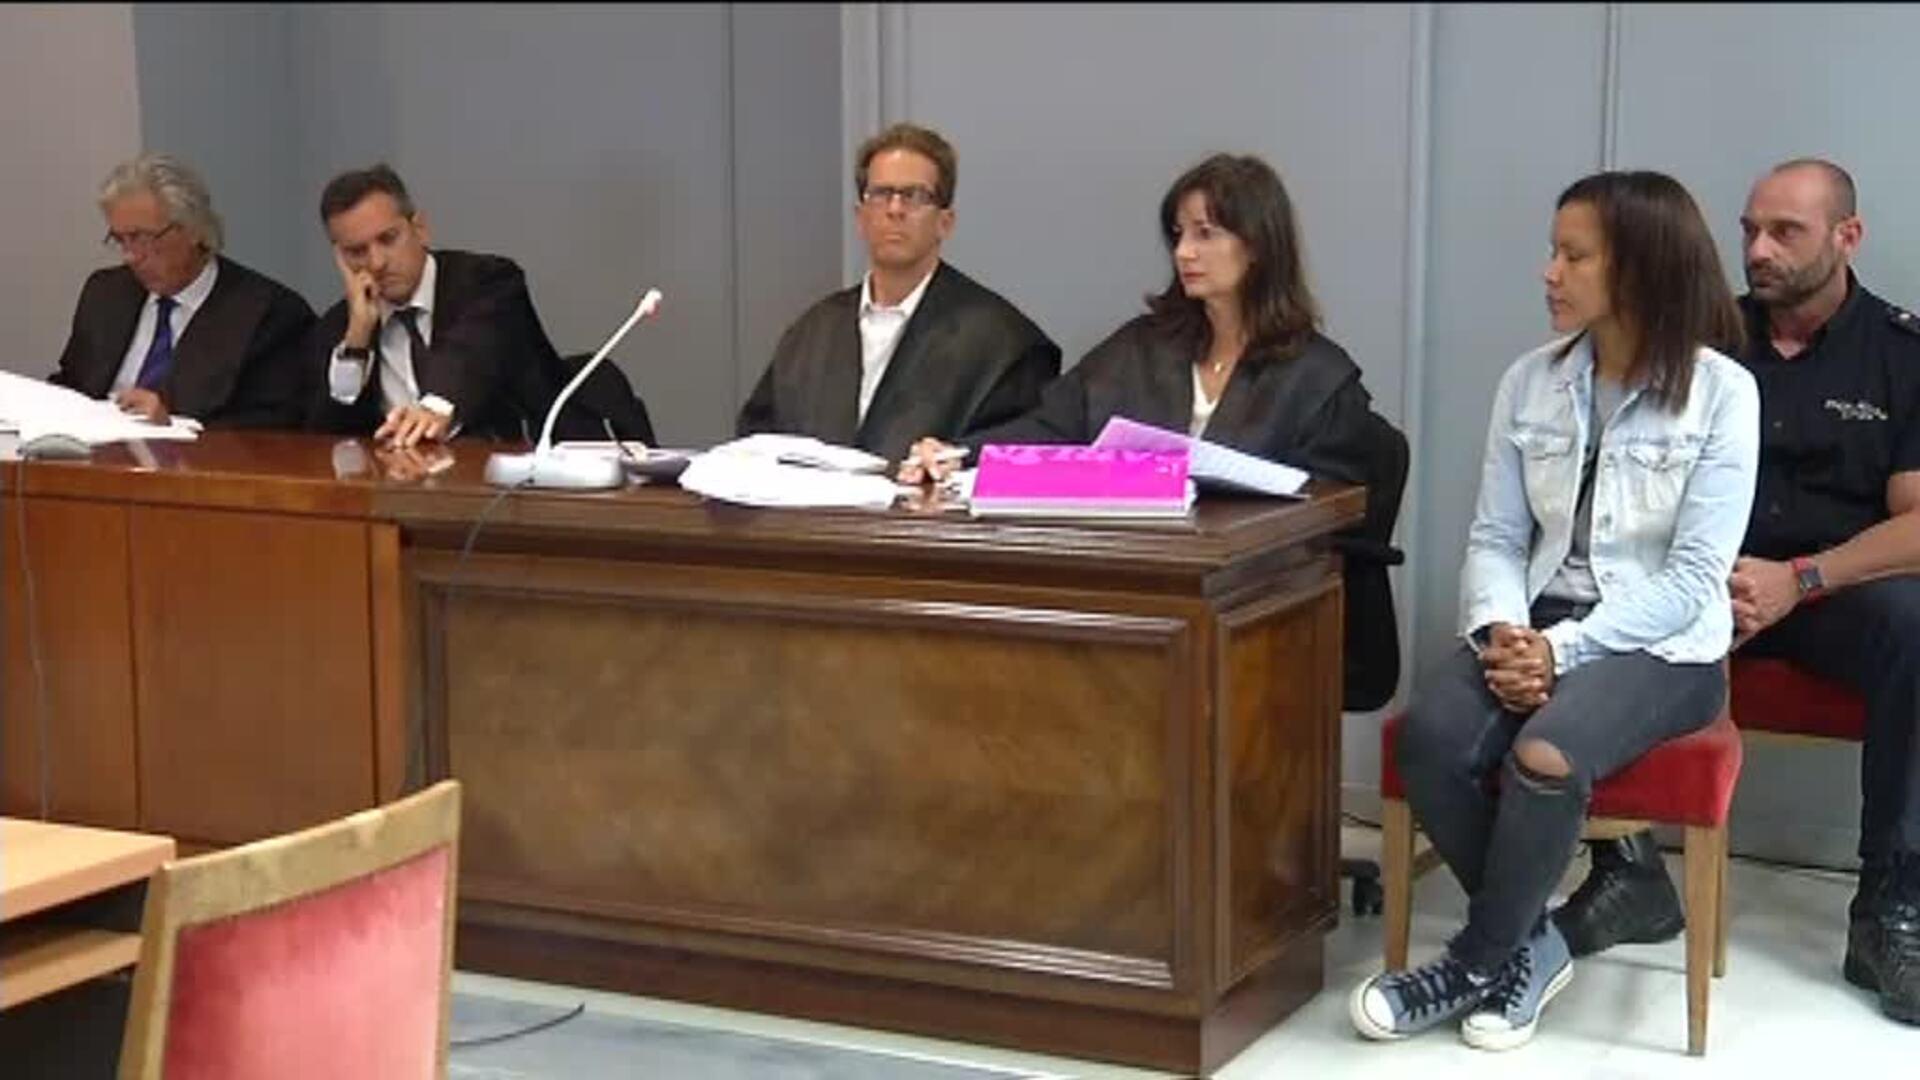 El jurado popular declara culpable a Ana Julia Quezada